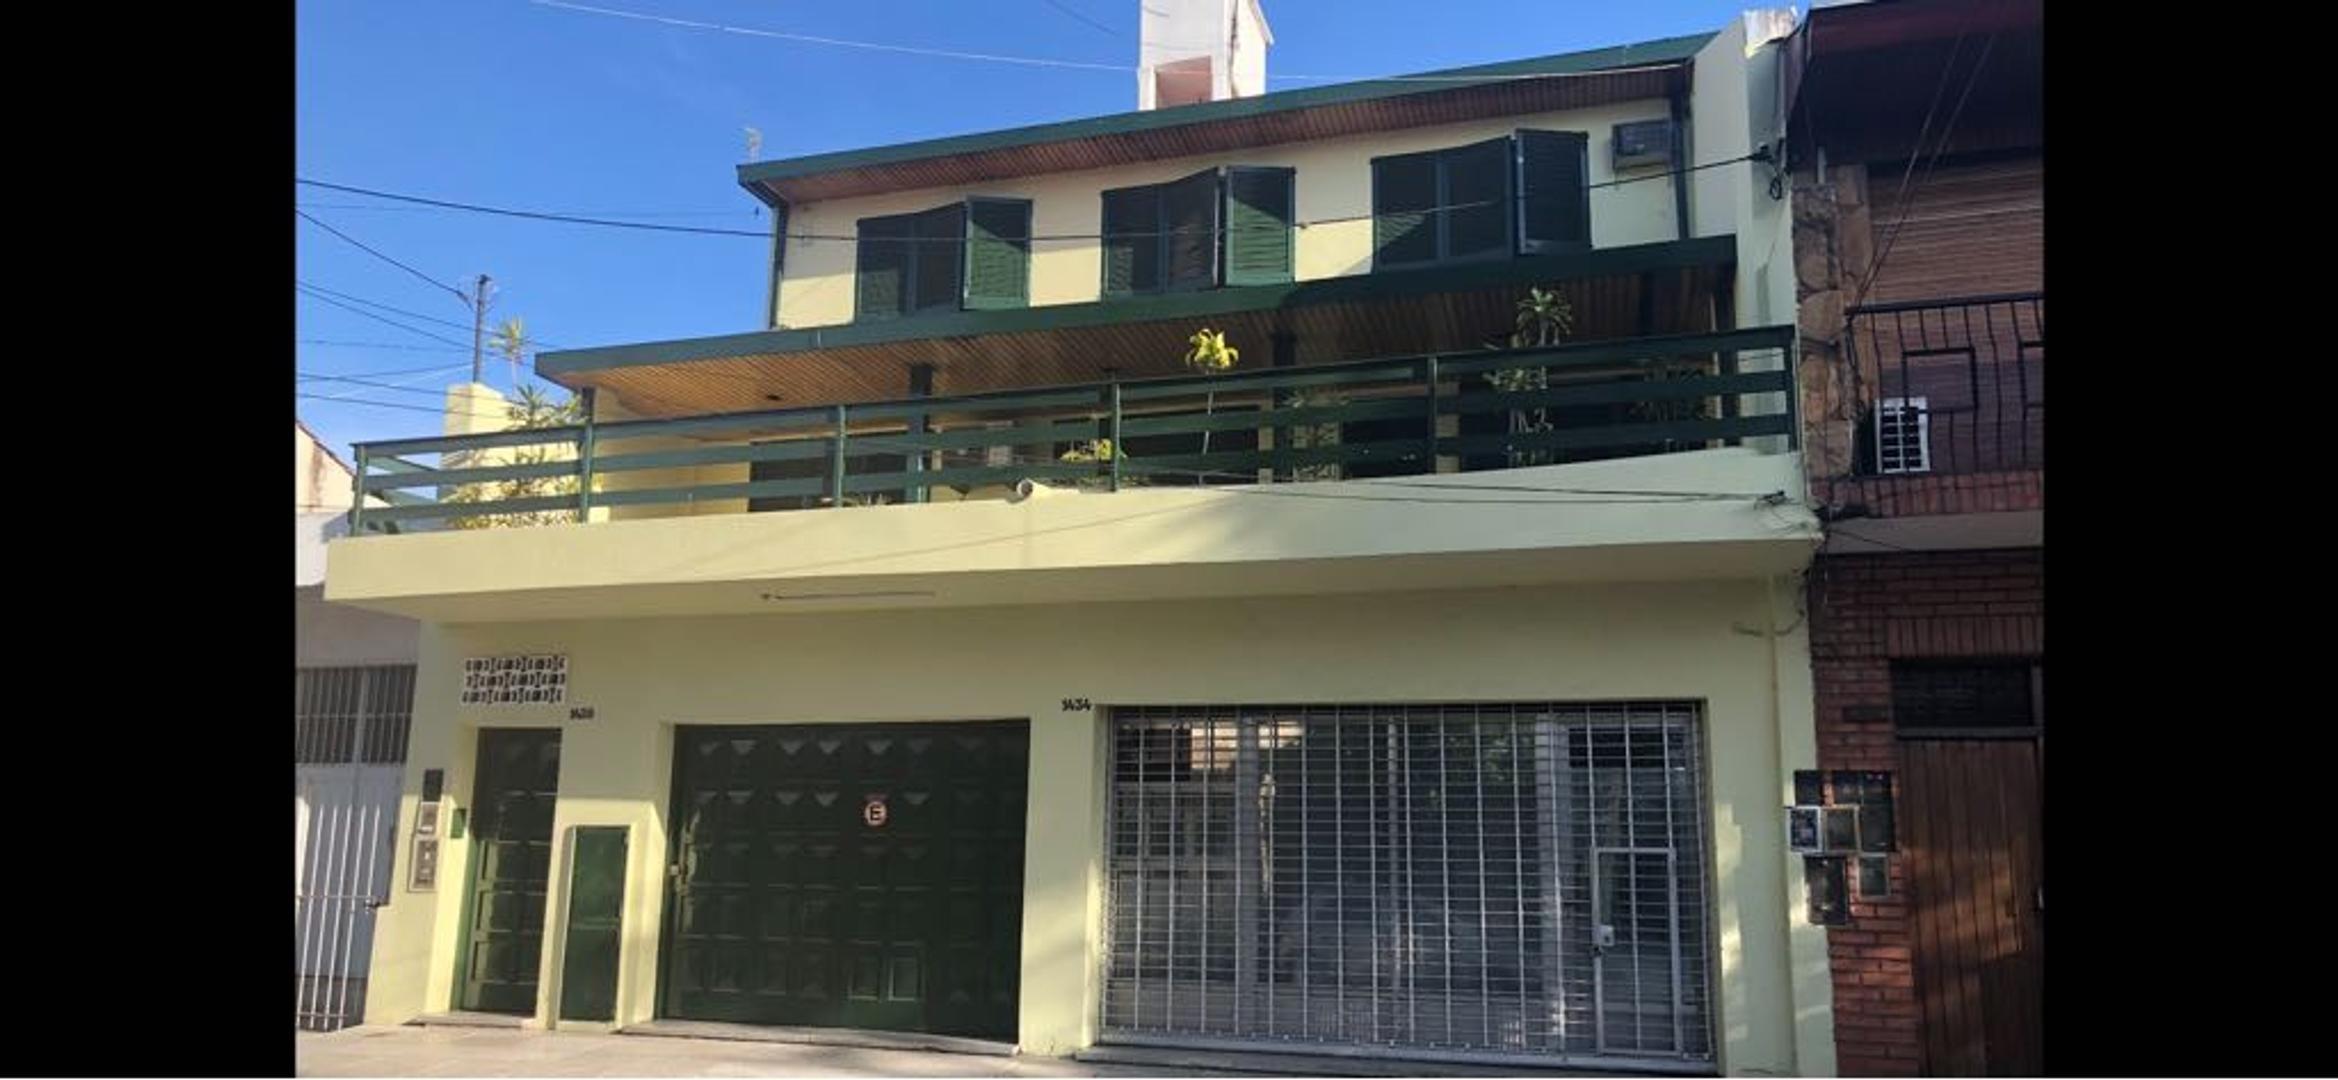 PH con 3 dormitorios, living comedor, cocina separada. Lavadero independiente. Terraza.